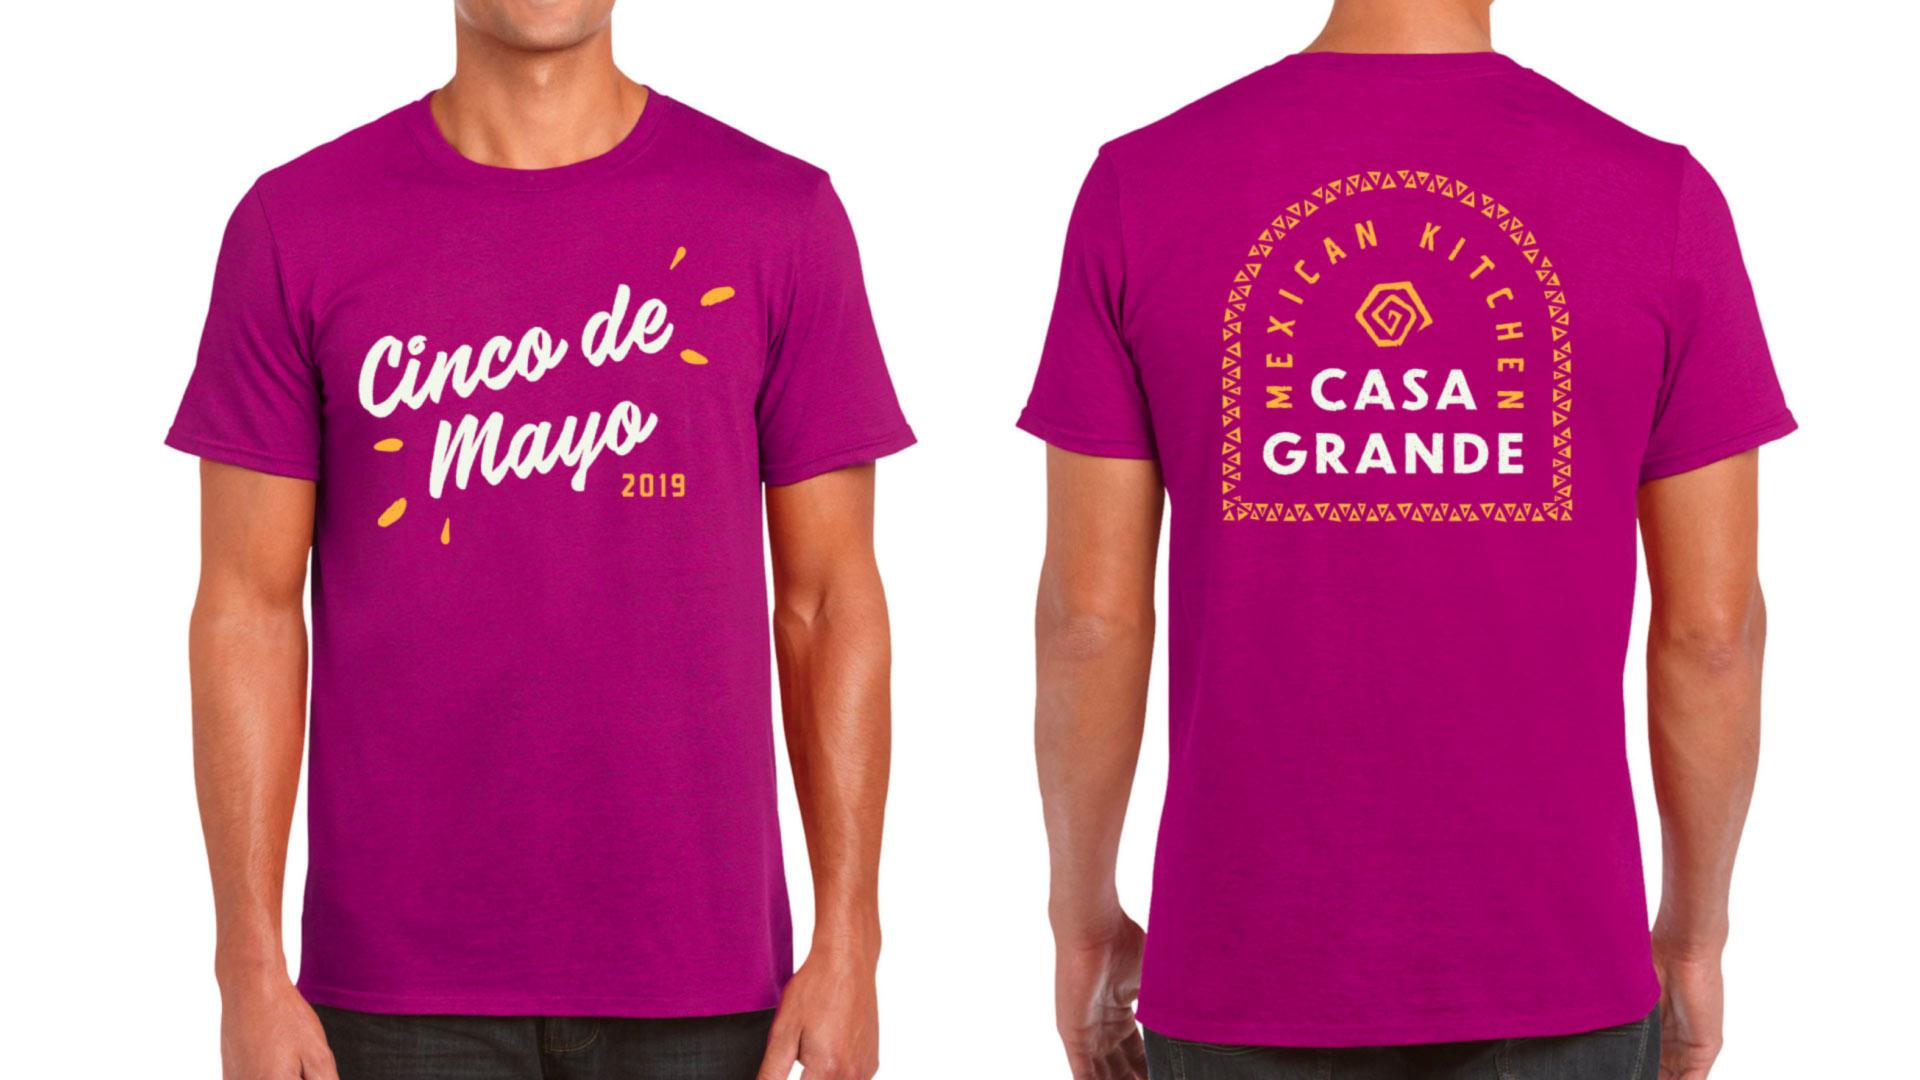 casa-grande-cinco-de-mayo-shirts